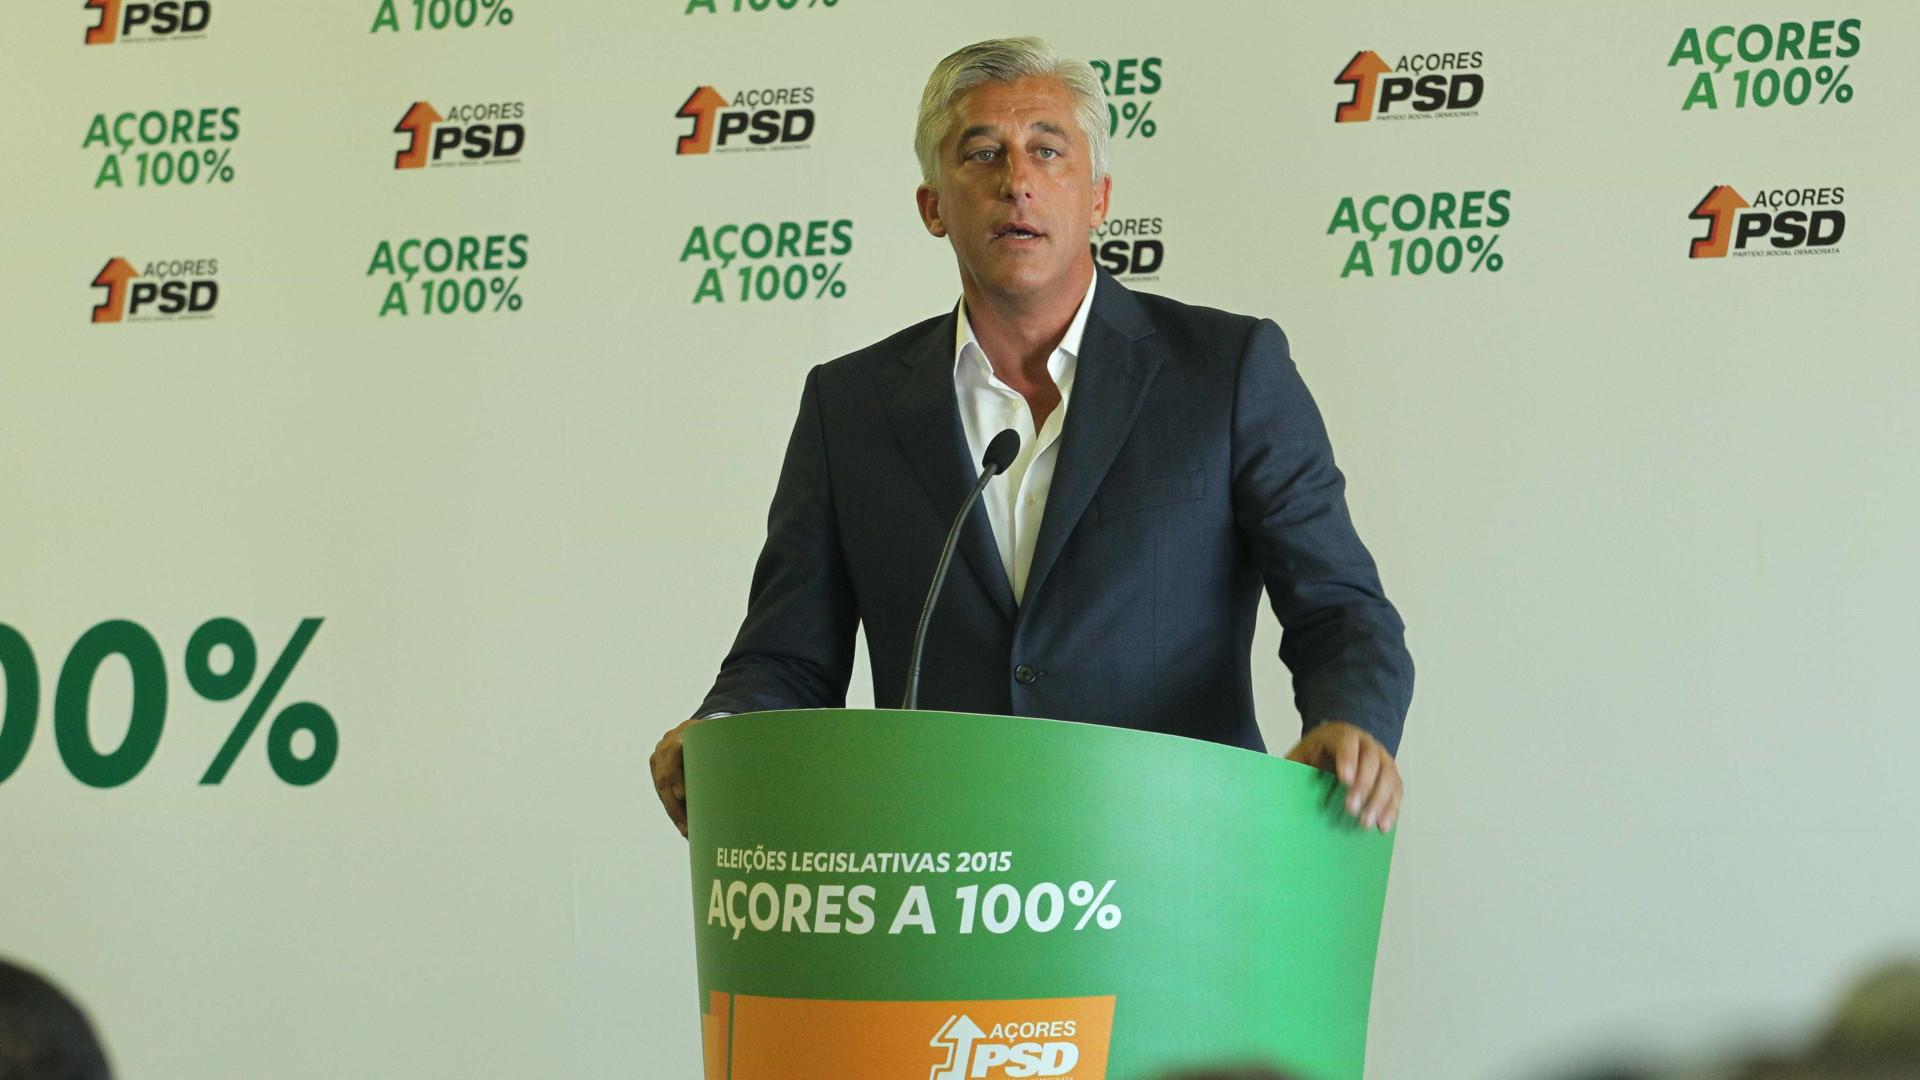 Duarte Freitas oficializa recandidatura à presidência do PSD/Açores